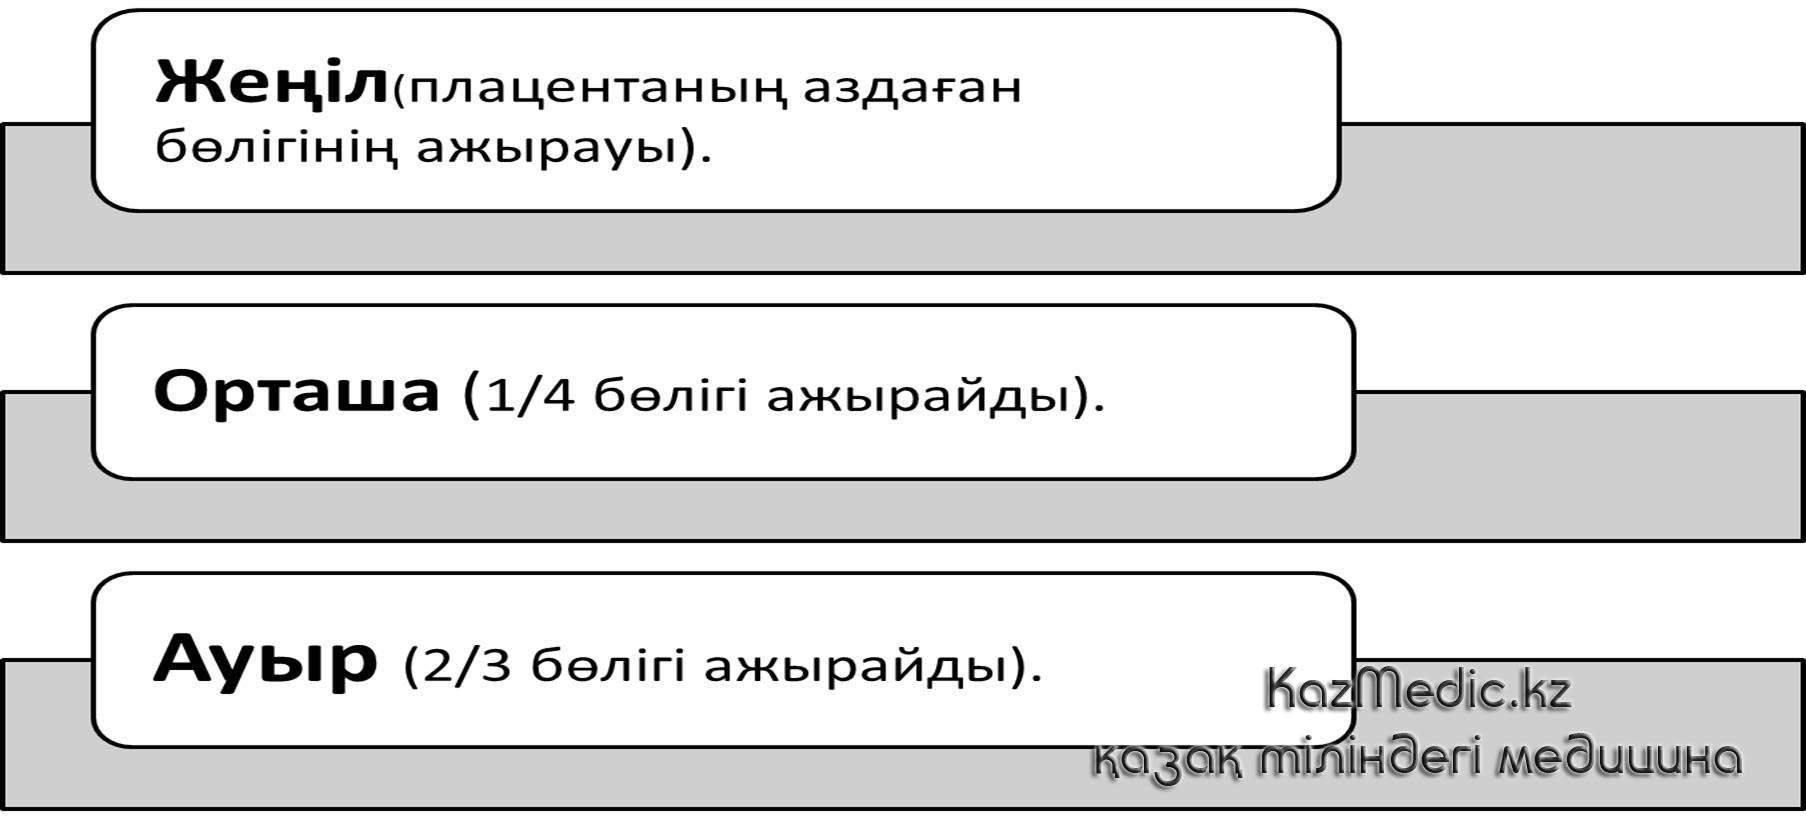 ҚОПУБА ауырлығы